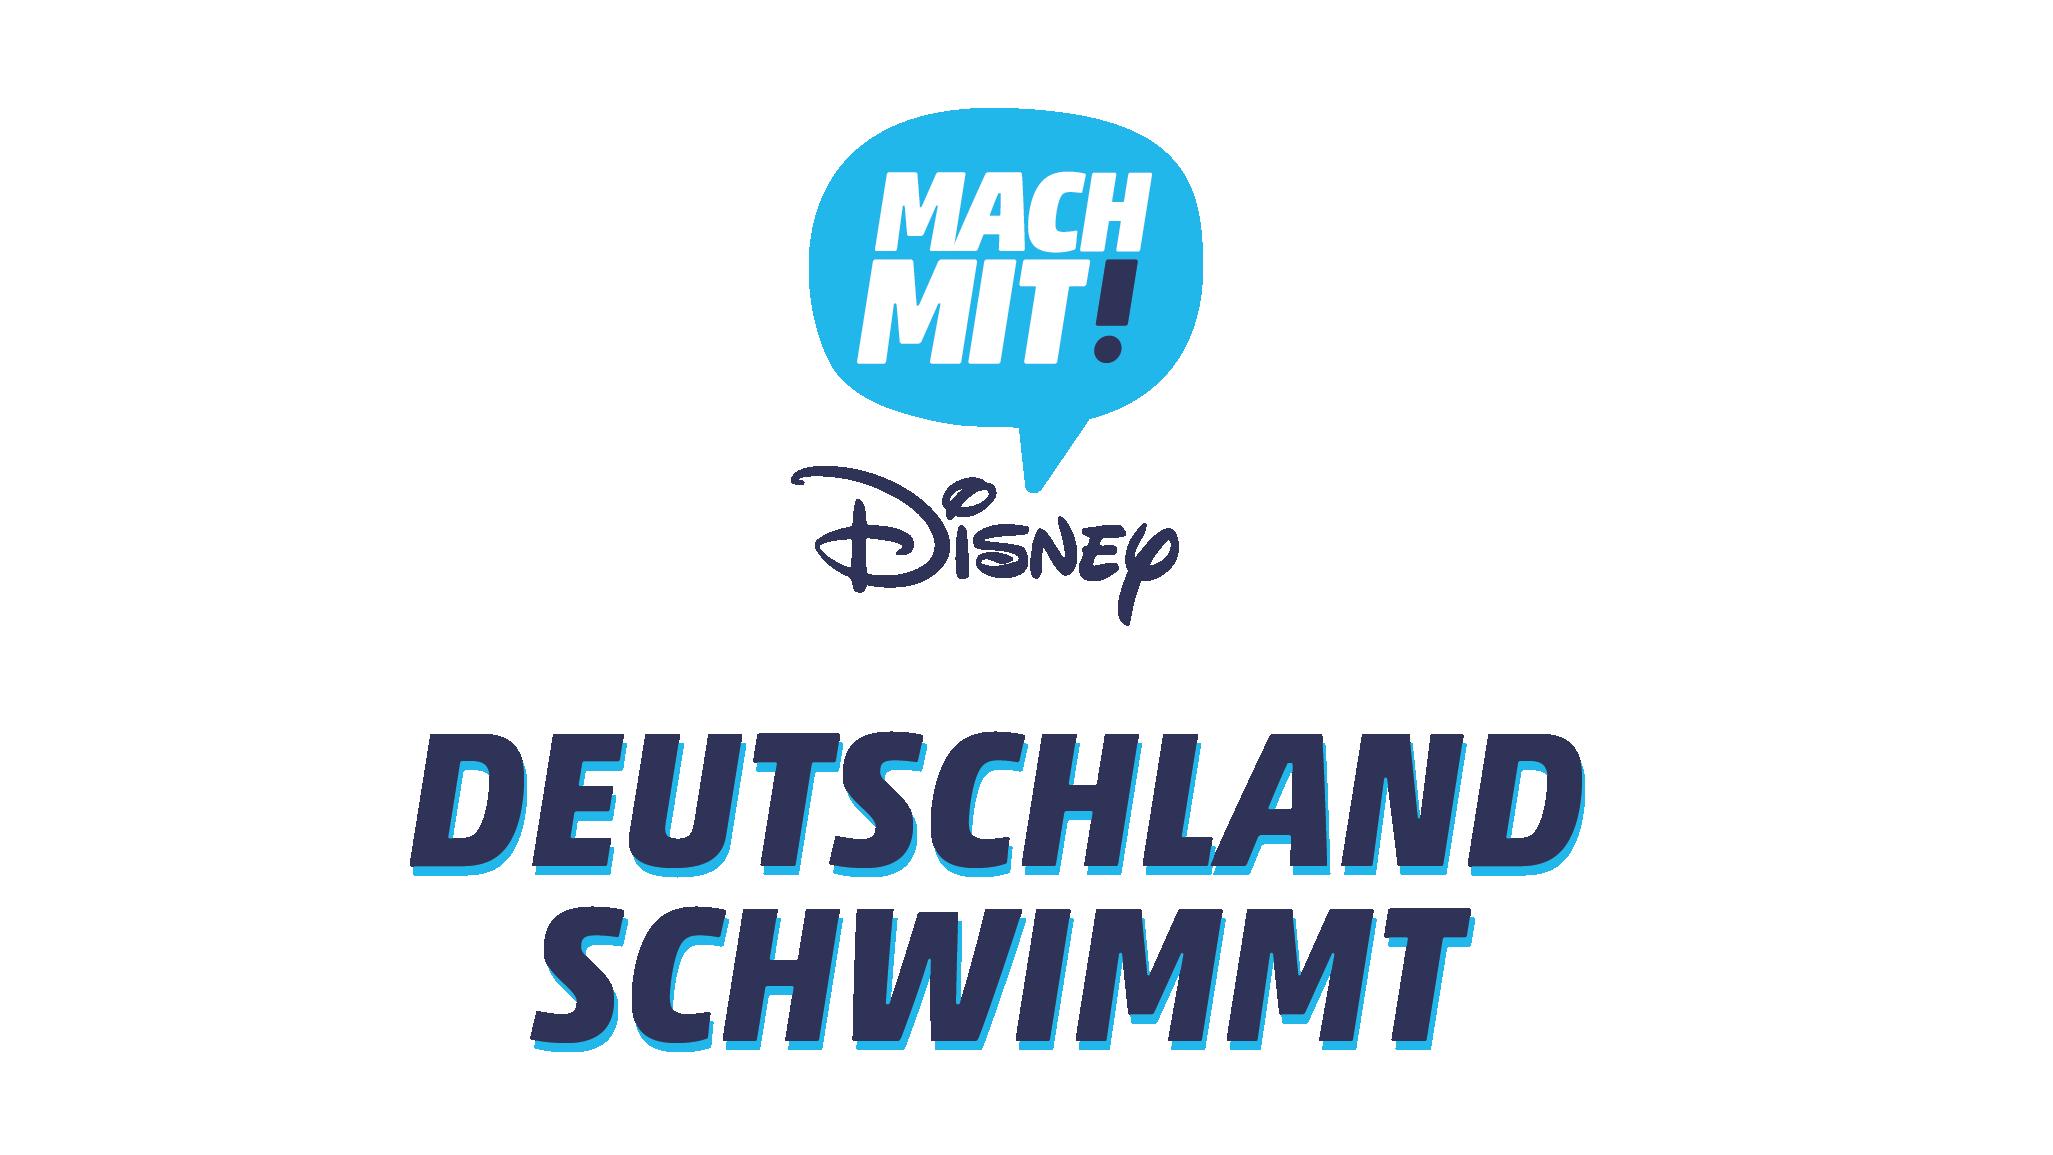 000908 18 DHL Key Visual Logo Schwimm Mit 013